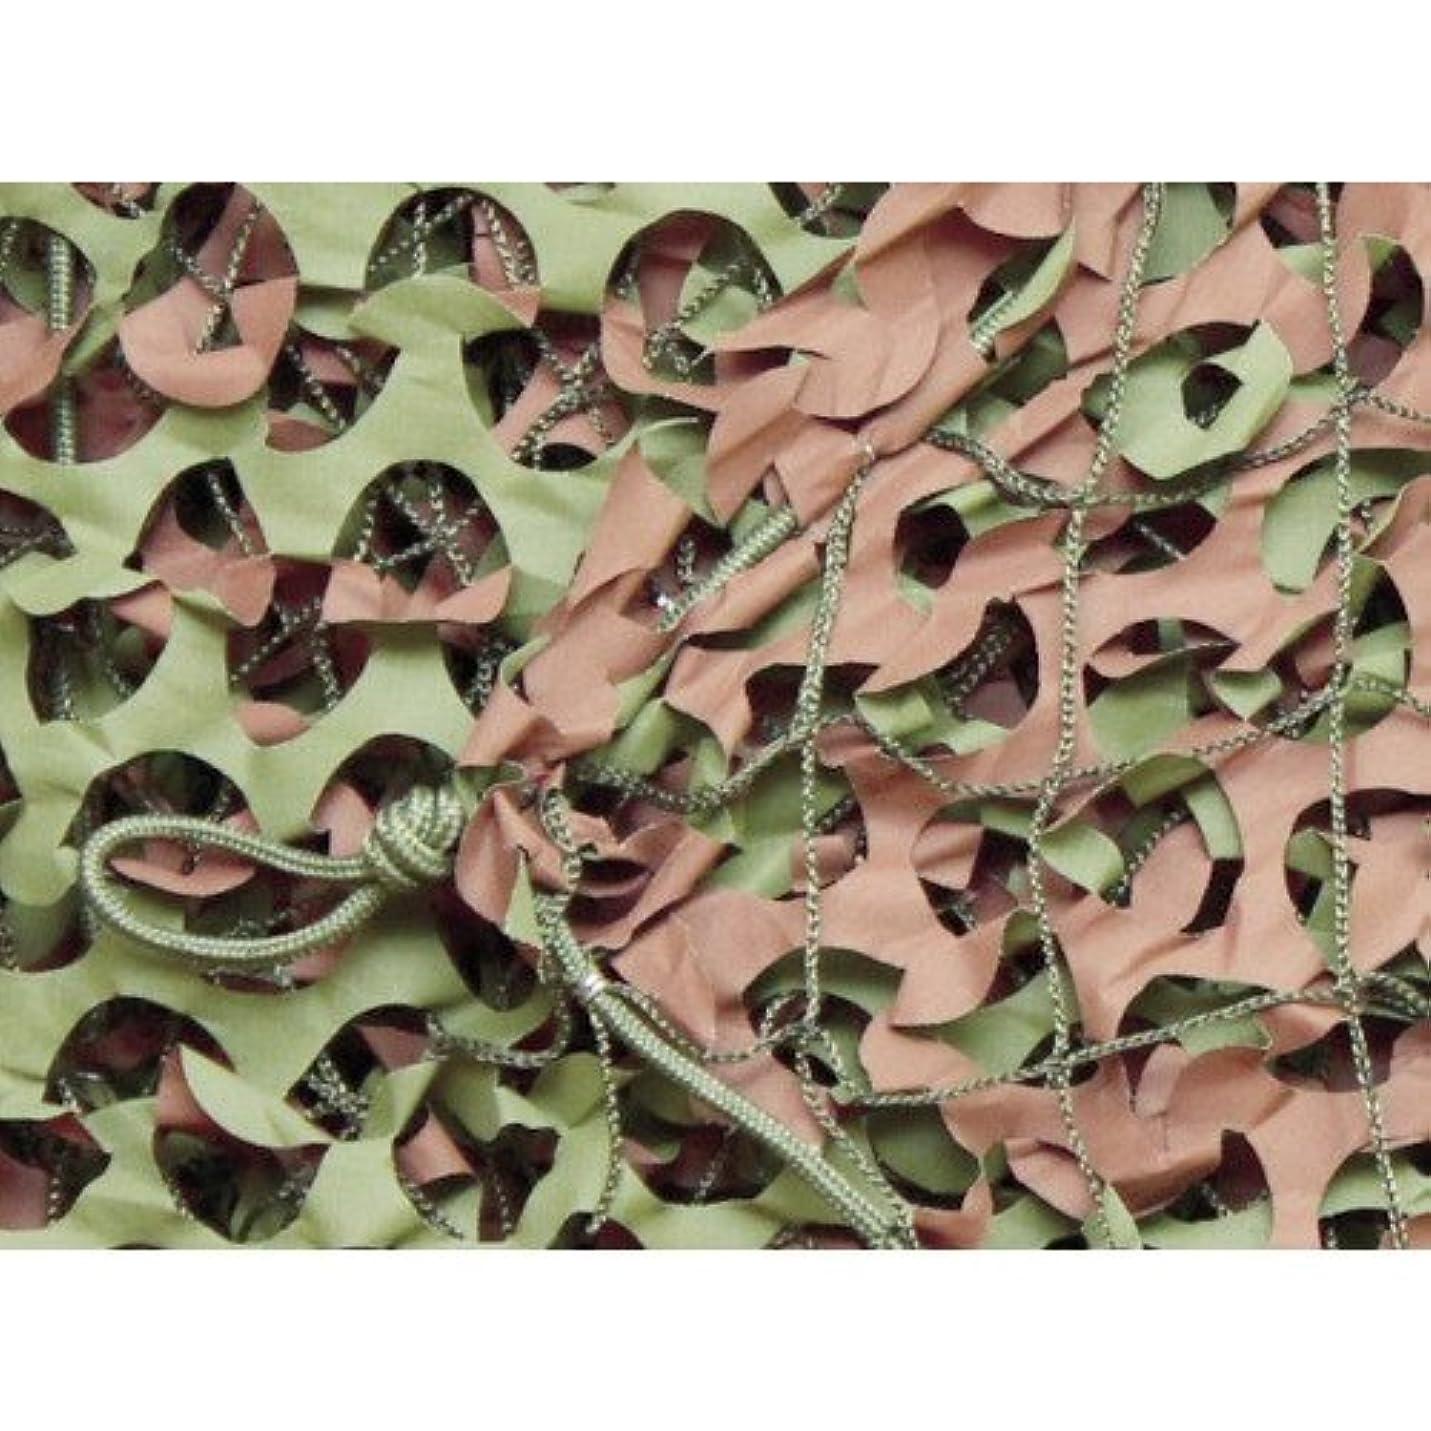 陰謀アイザック湖CAMO SYSTEMS社 CAMO ベーシック レギュラーXミリタリー グリーン&ブラウン 1.8mX6m WM13